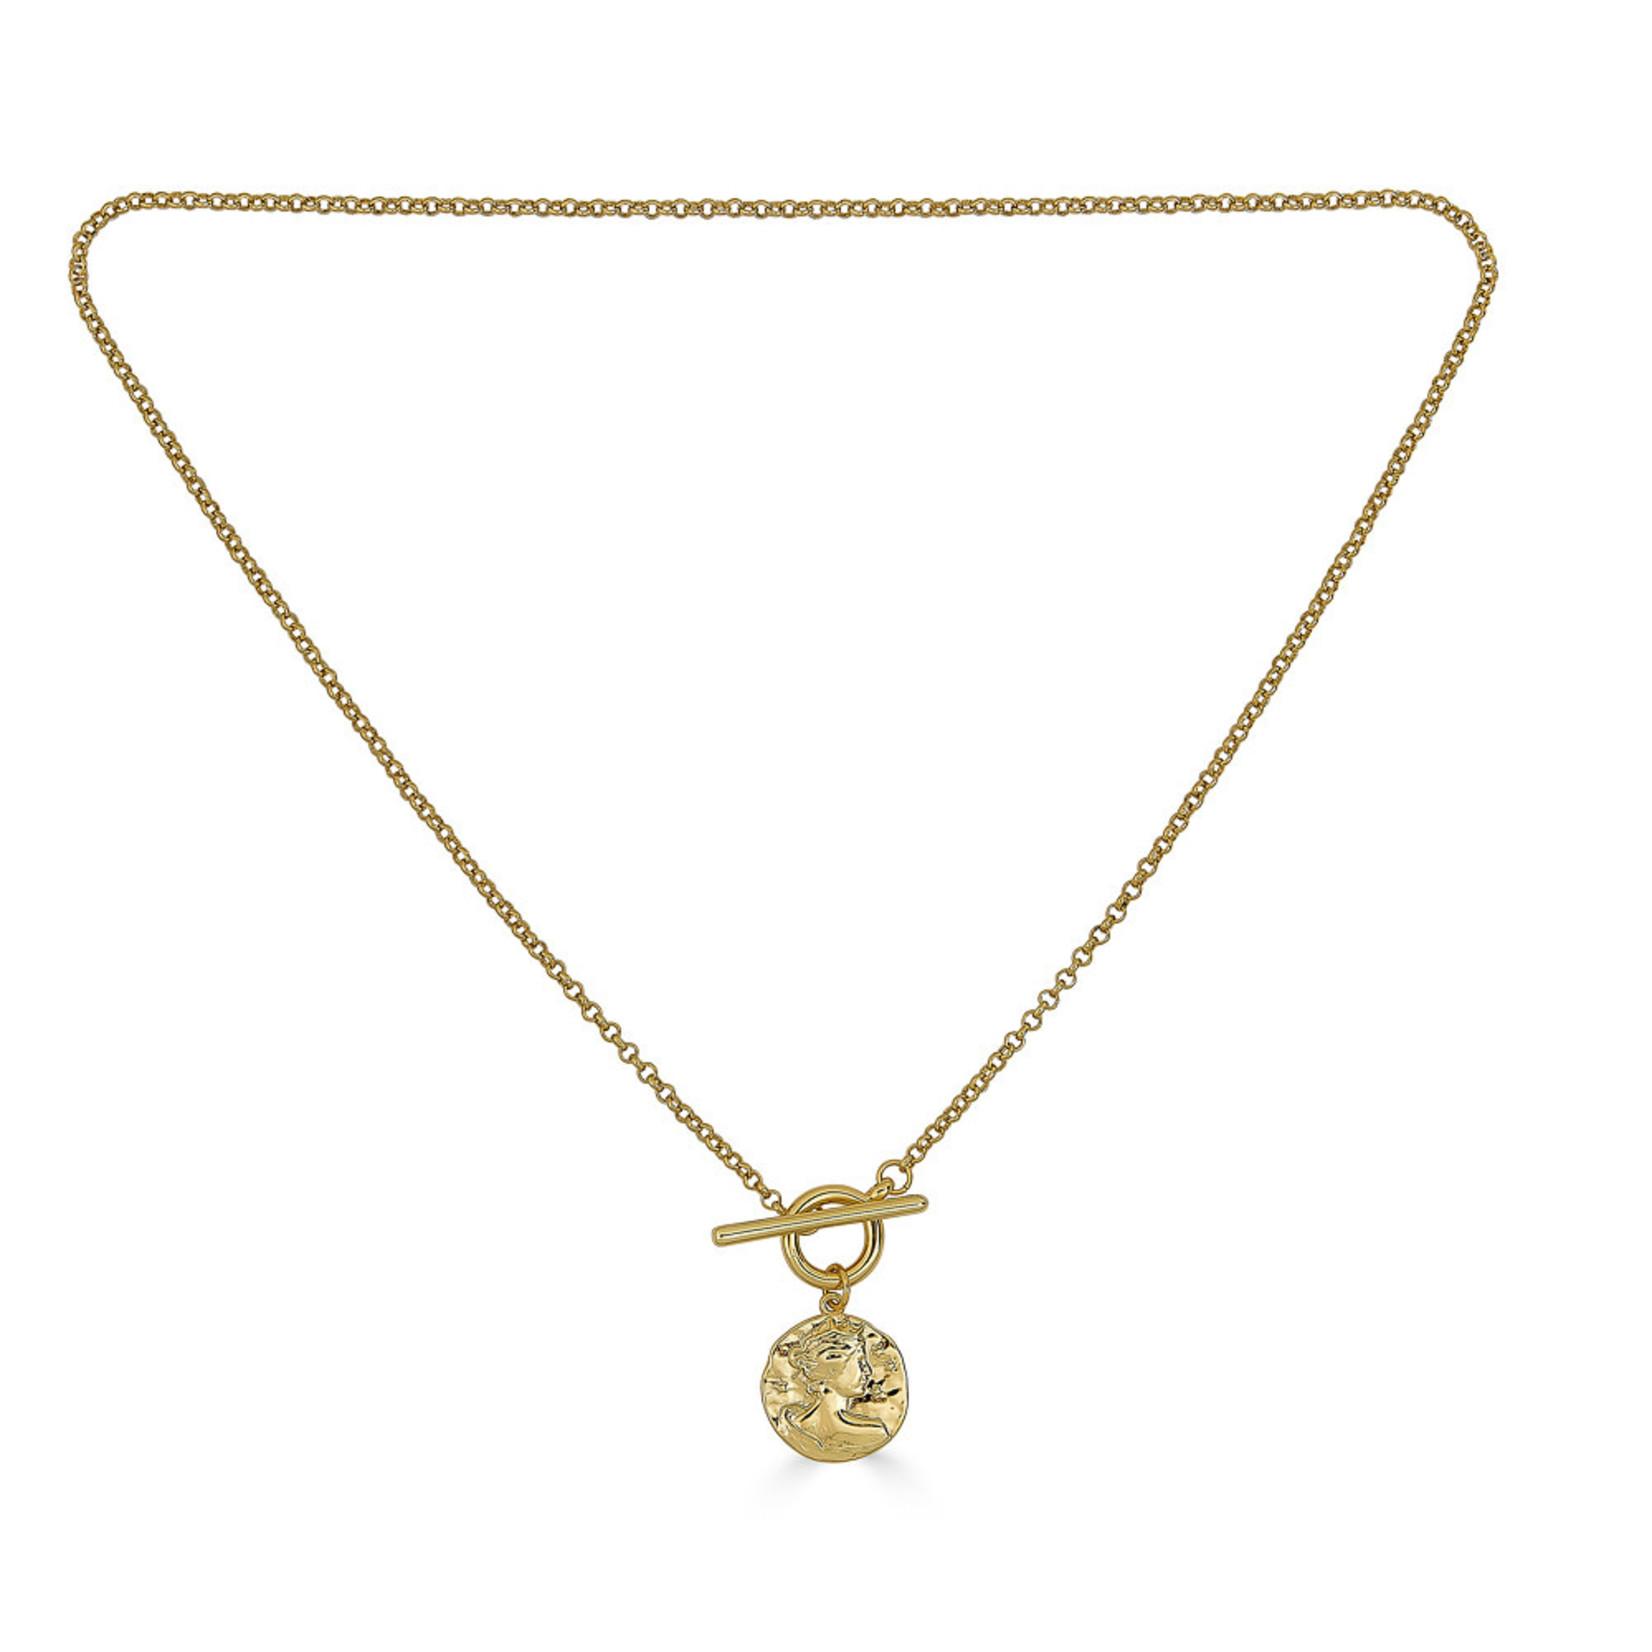 Rendor Queen B Necklace